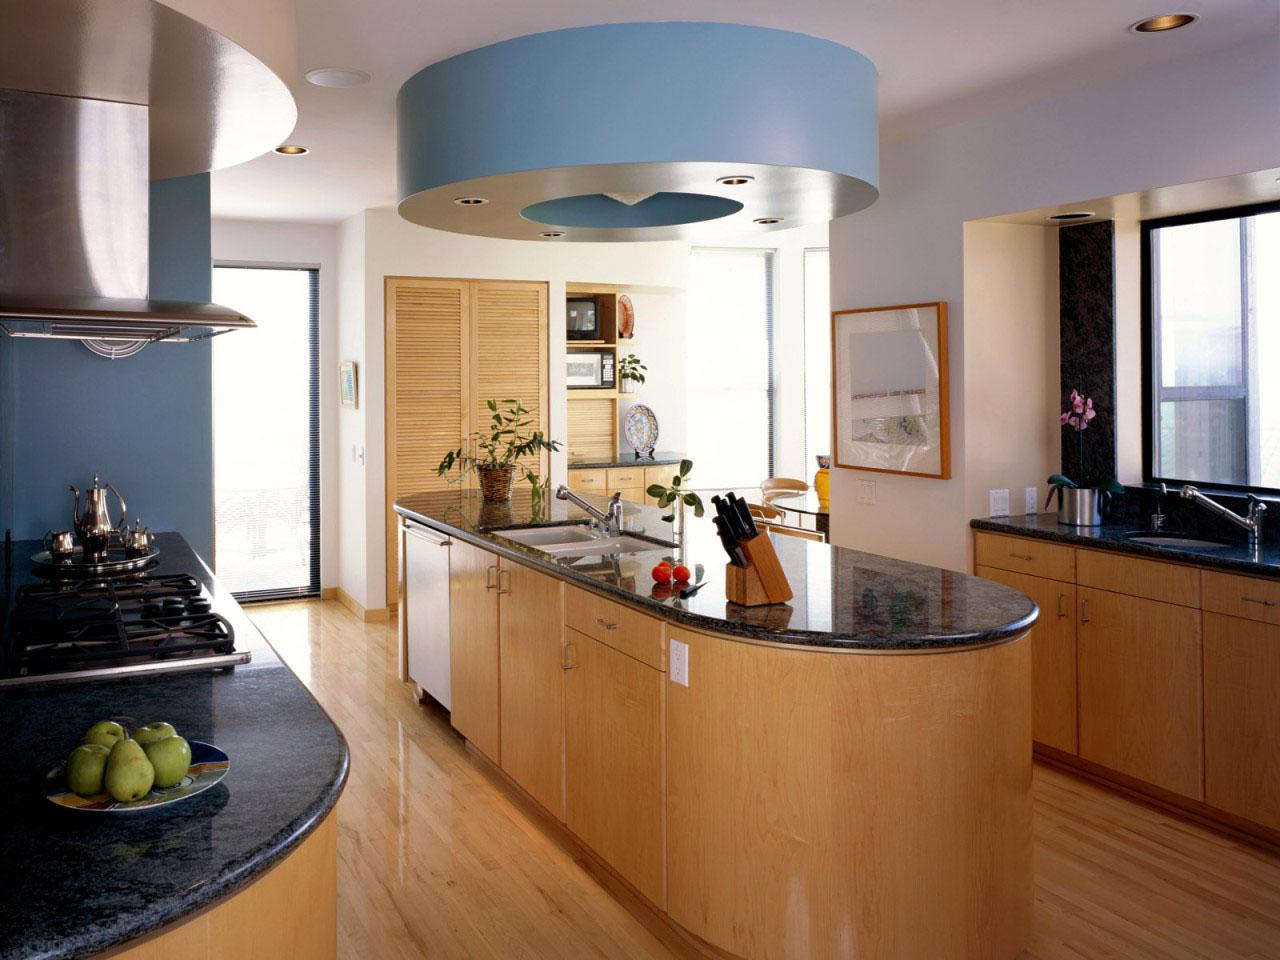 modern kitchen design ideas | idesignarch | interior design